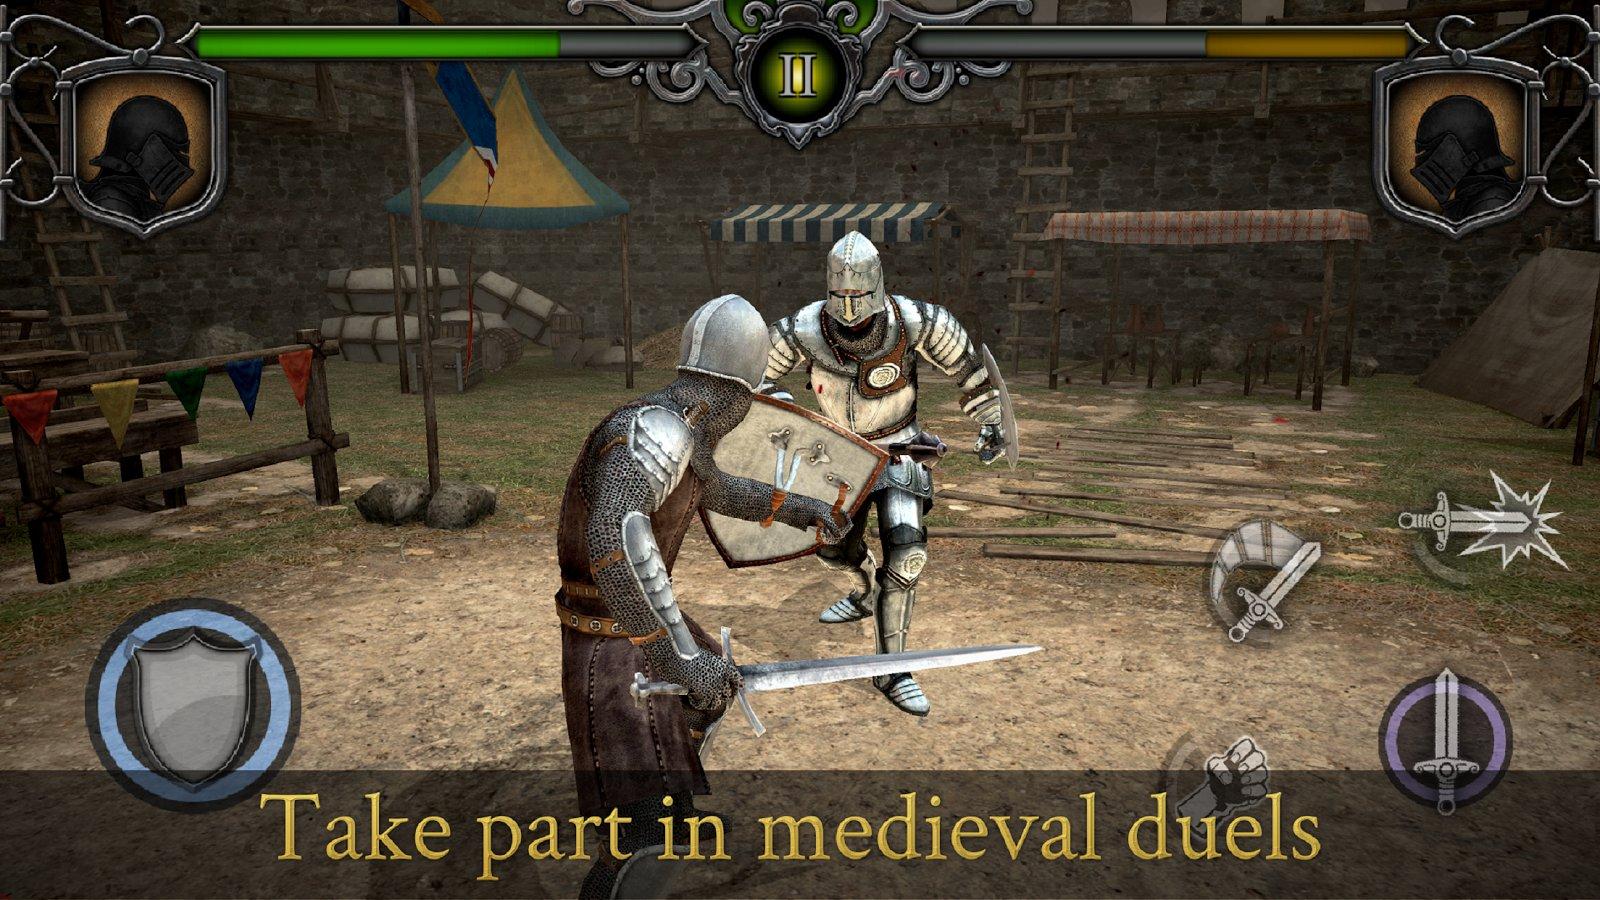 Игра верность: рыцари и принцессы в одноклассниках, прохождение.